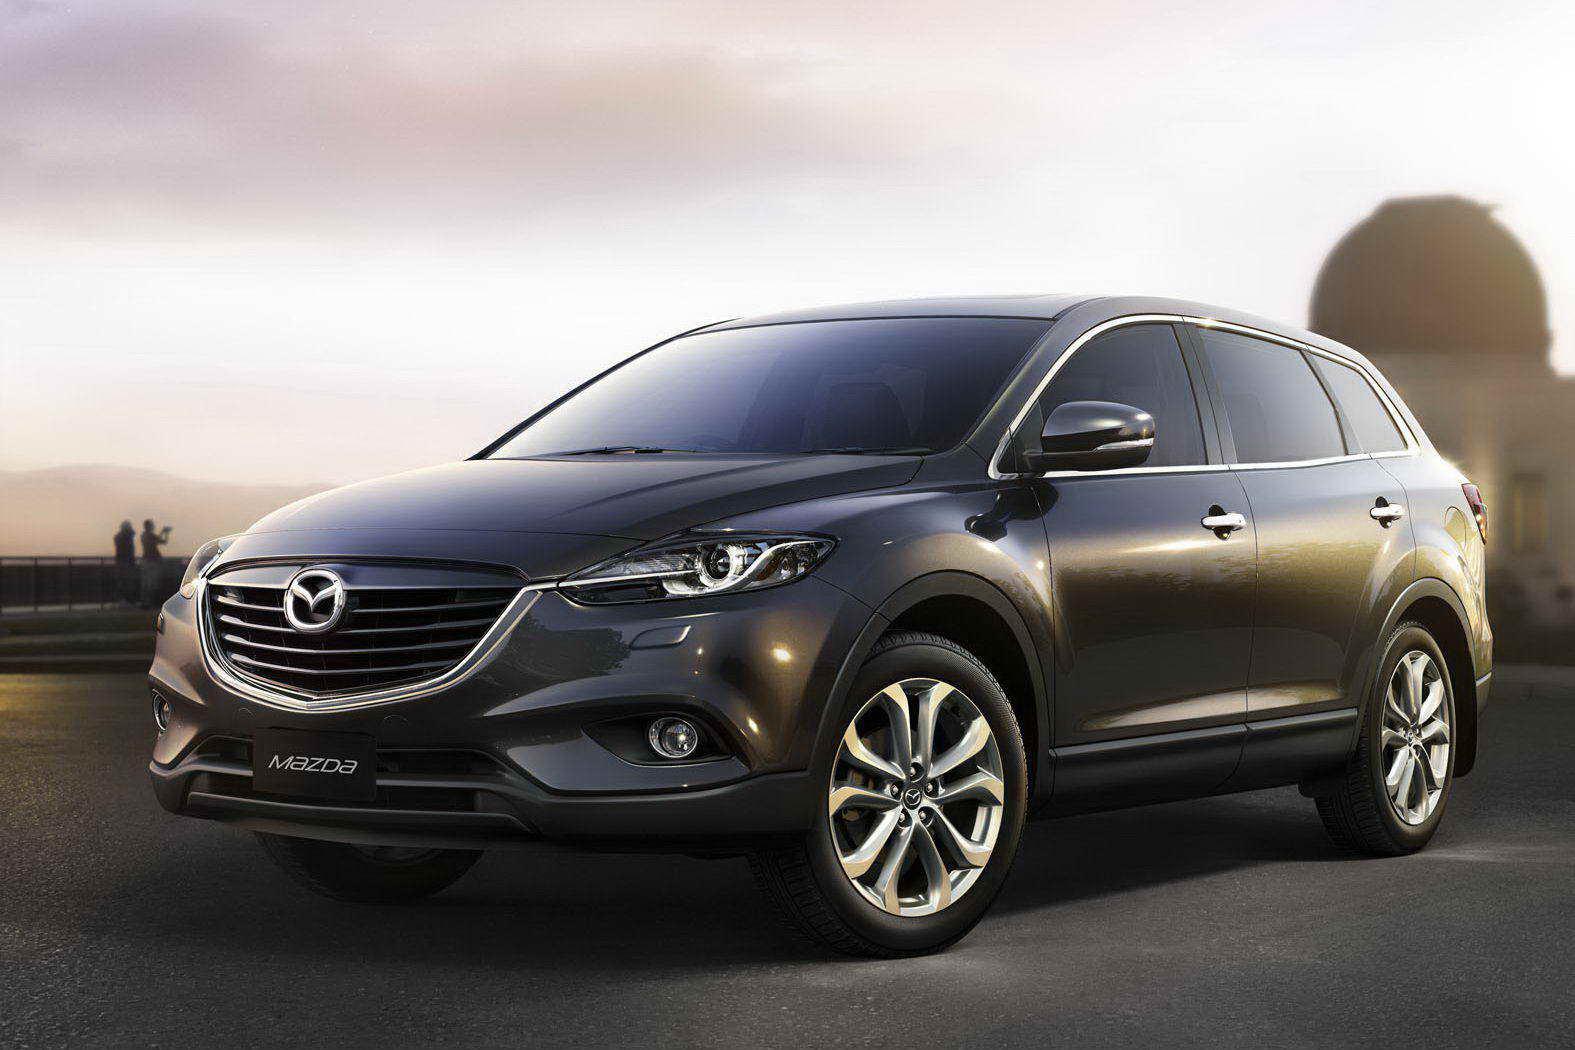 Обновленный кроссовер Mazda CX 9 2013 представят в Париже Фото.